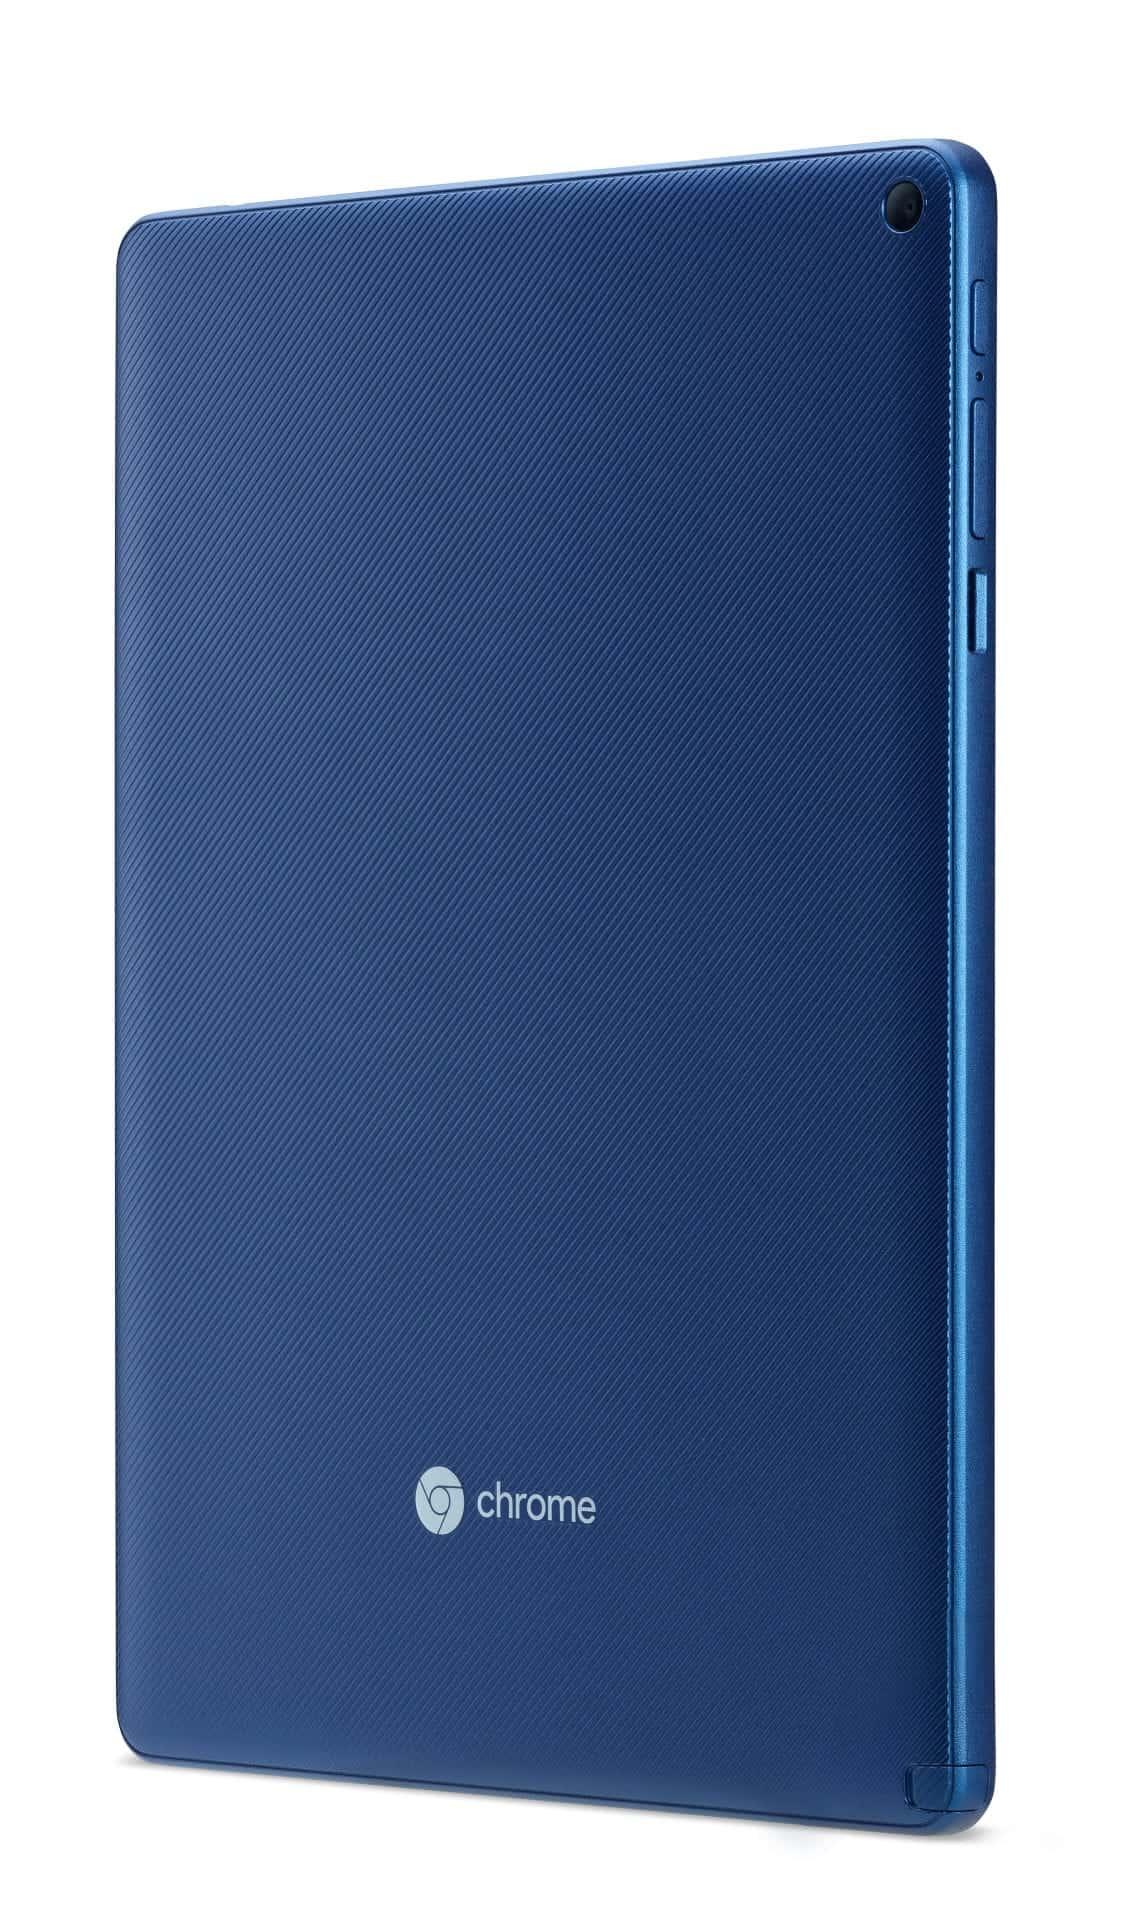 Chromebook Tab 10 Press 9